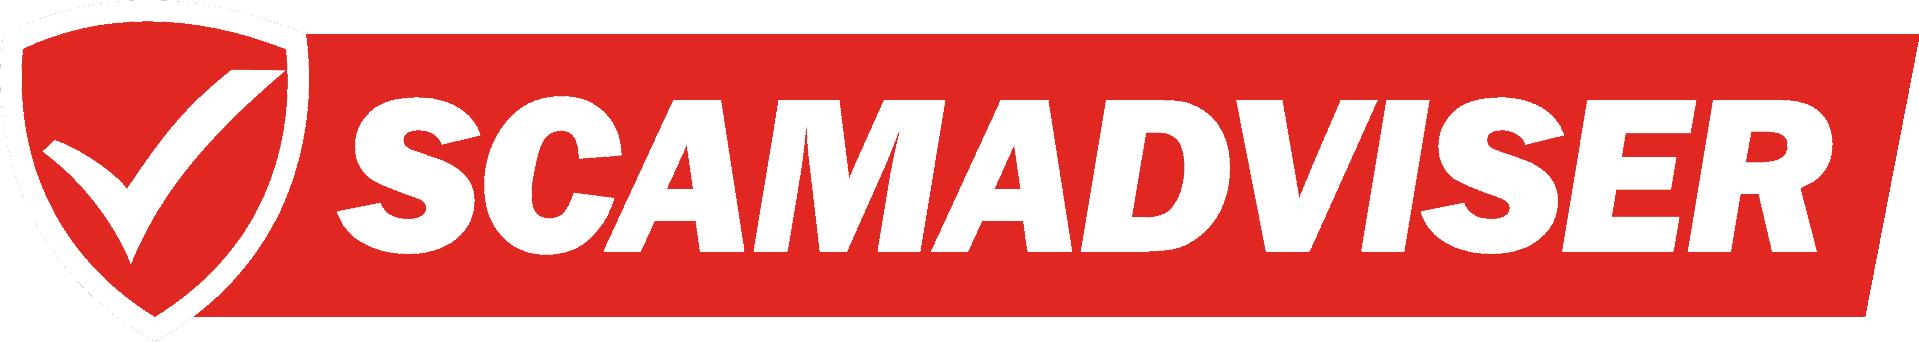 logo scamadviser